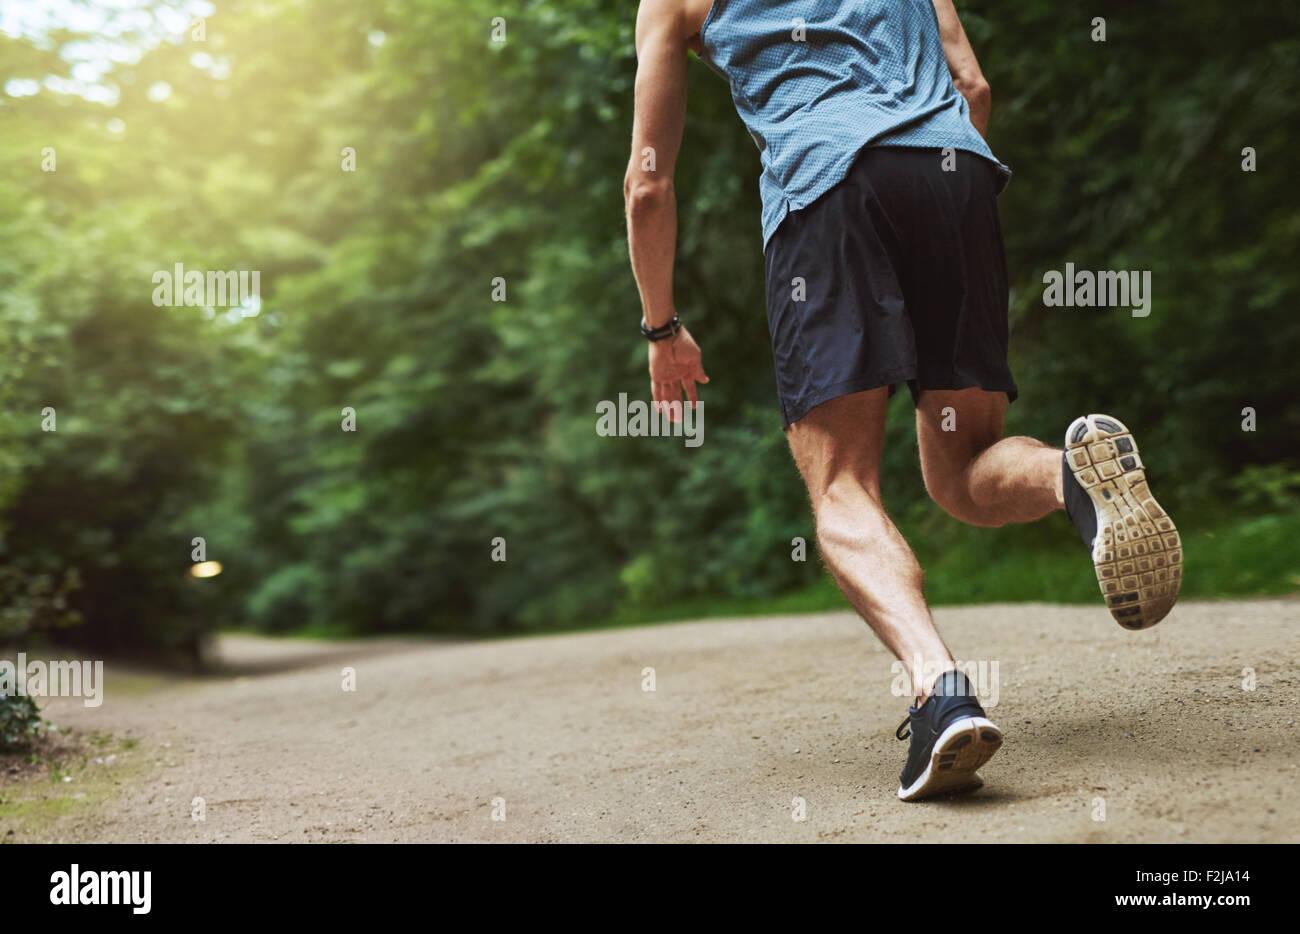 Vista trasera decapitado Shot de un joven atlético ejecutando en el parque temprano en la mañana. Imagen De Stock